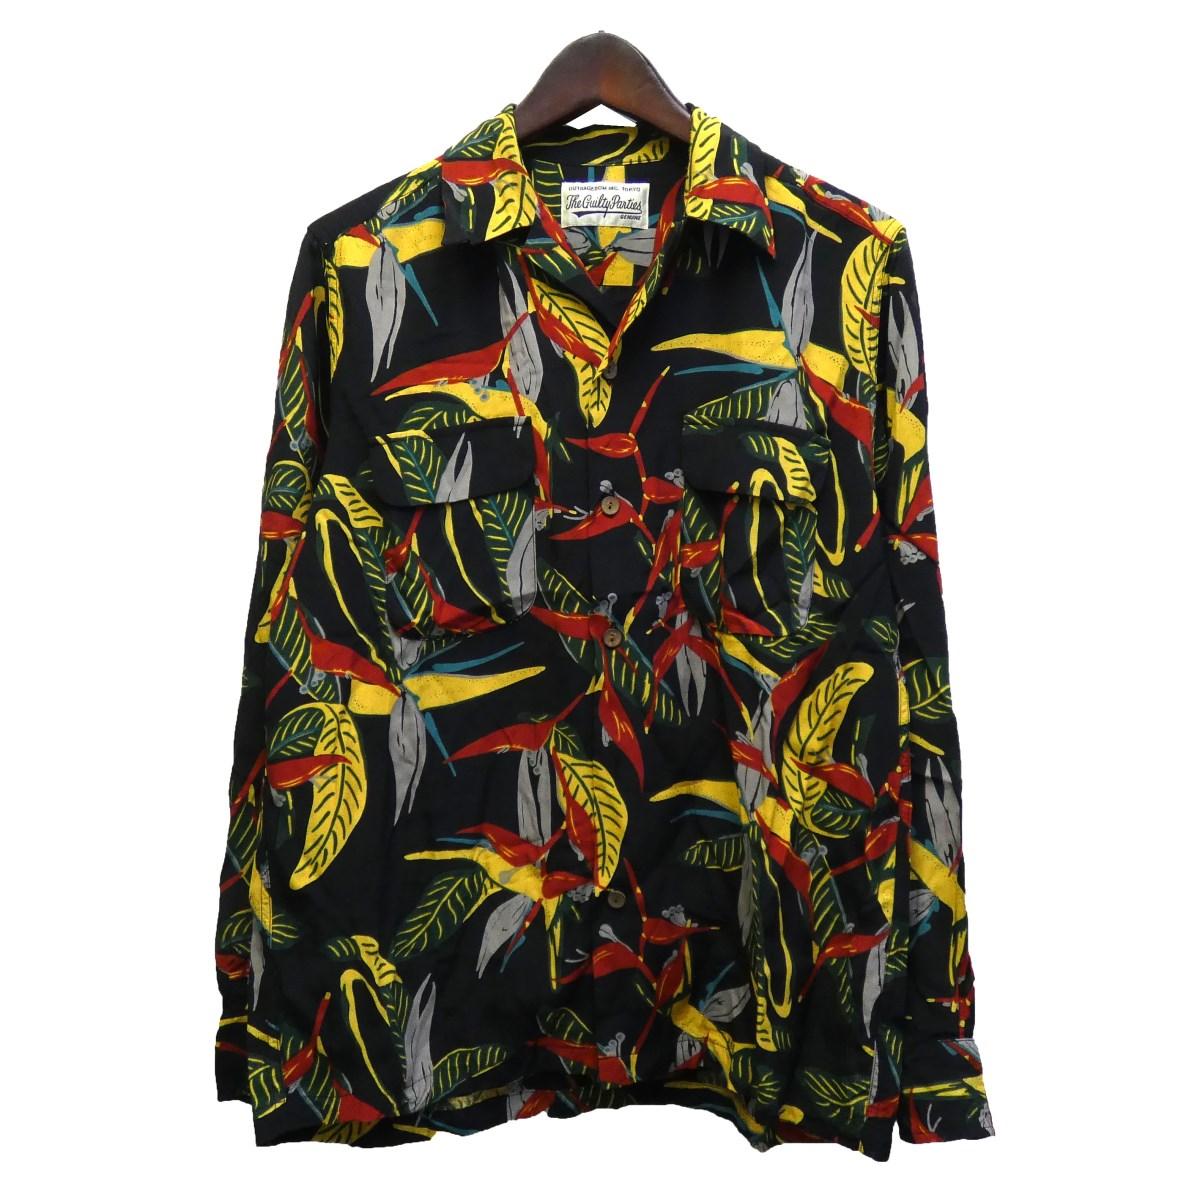 【中古】WACKO MARIA 2019AW 長袖アロハシャツ ブラック×イエロー サイズ:M 【190220】(ワコマリア)